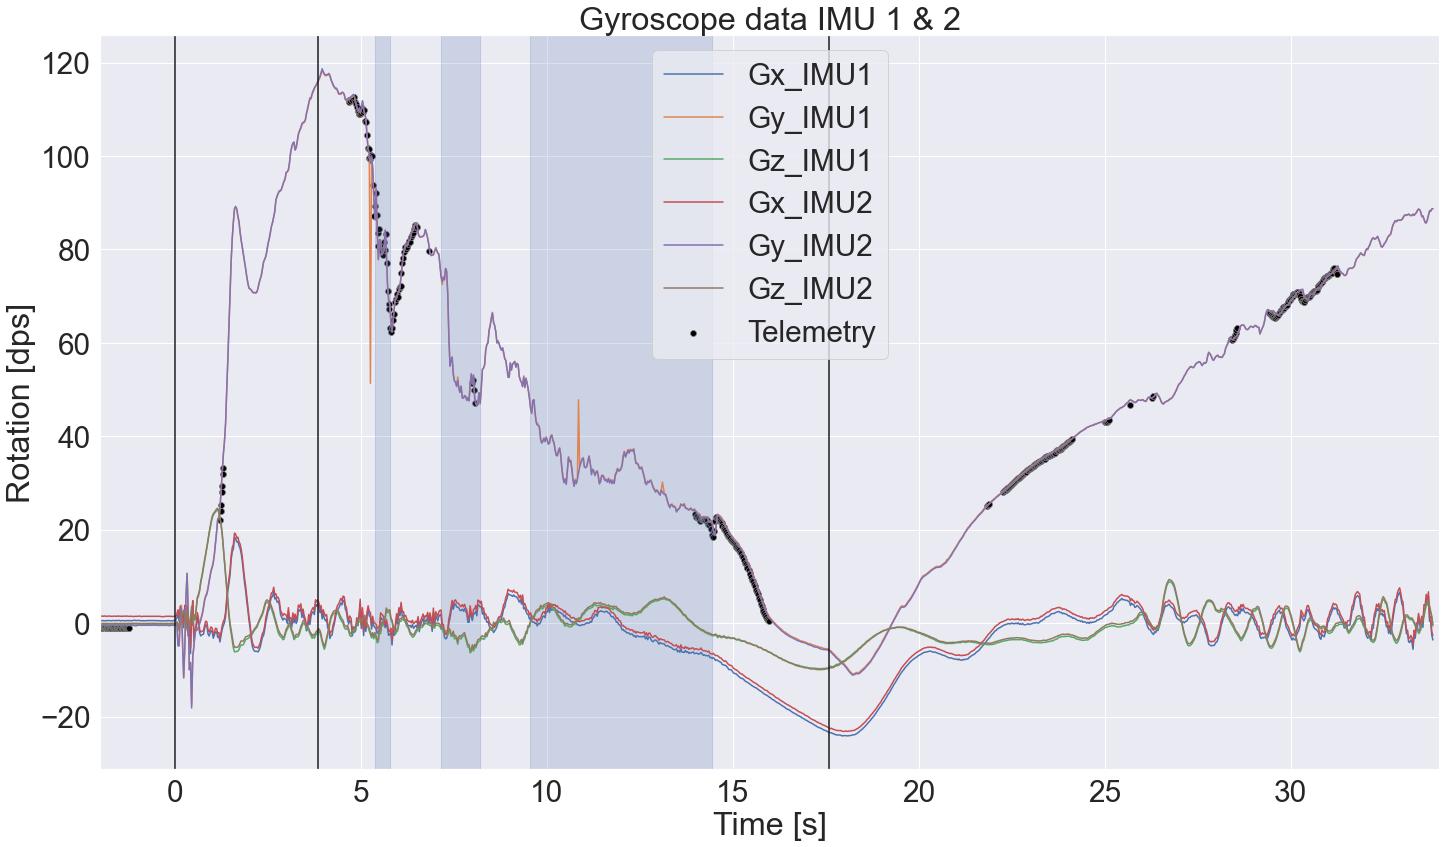 EULER I maiden launch data: gyroscopes